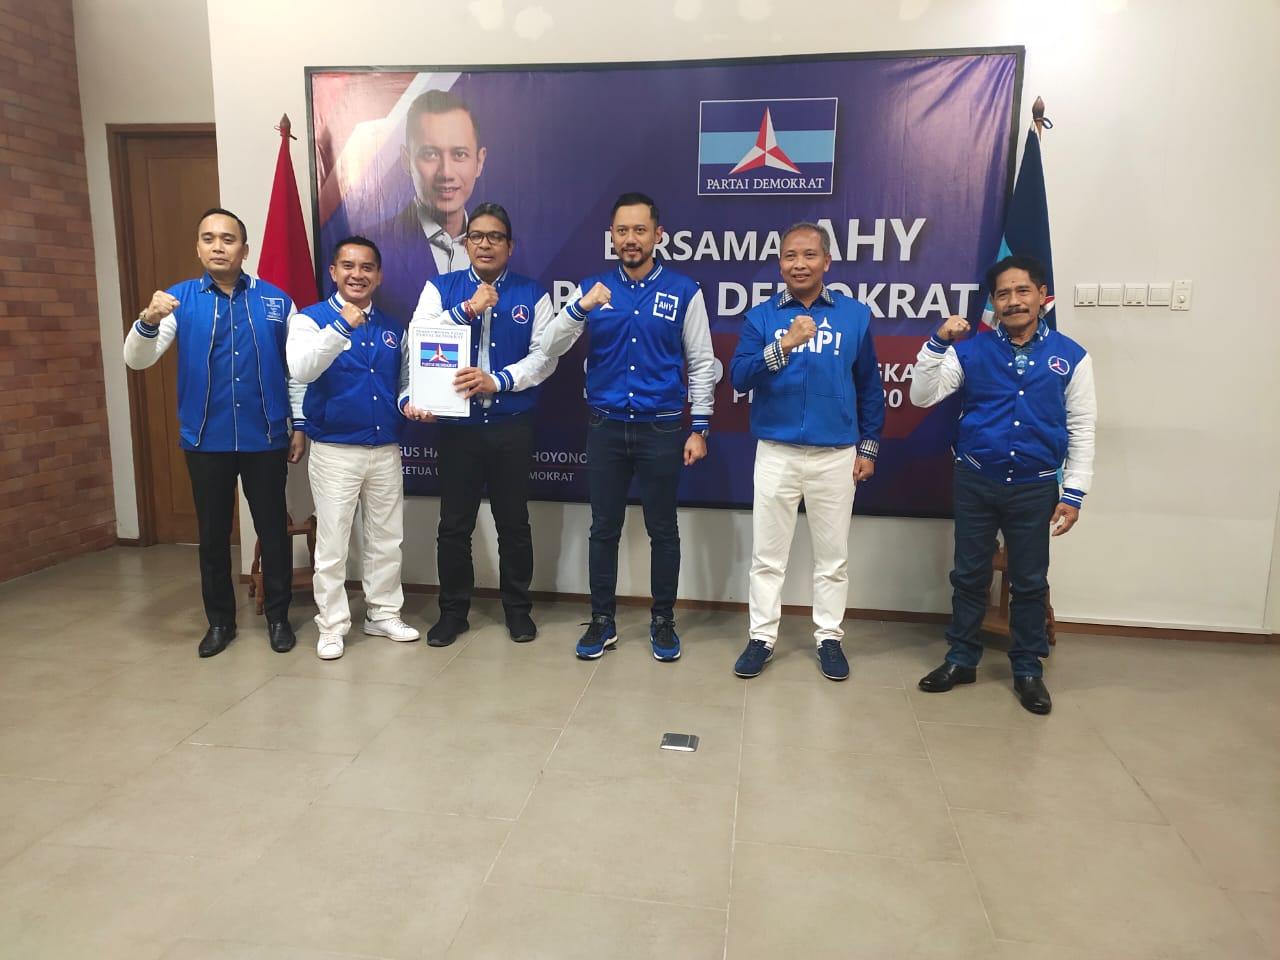 NGURAH Ambara (tiga kiri) bersama Bagus Kertanegara (dua kiri kiri) bersama Agus Harimurti Yudhoyono dan pengurus Partai Demokrat saat menjemput rekomendasi di kantor DPP Partai Demokrat di Jakarta, Selasa (1/9/2020). Foto: Ist